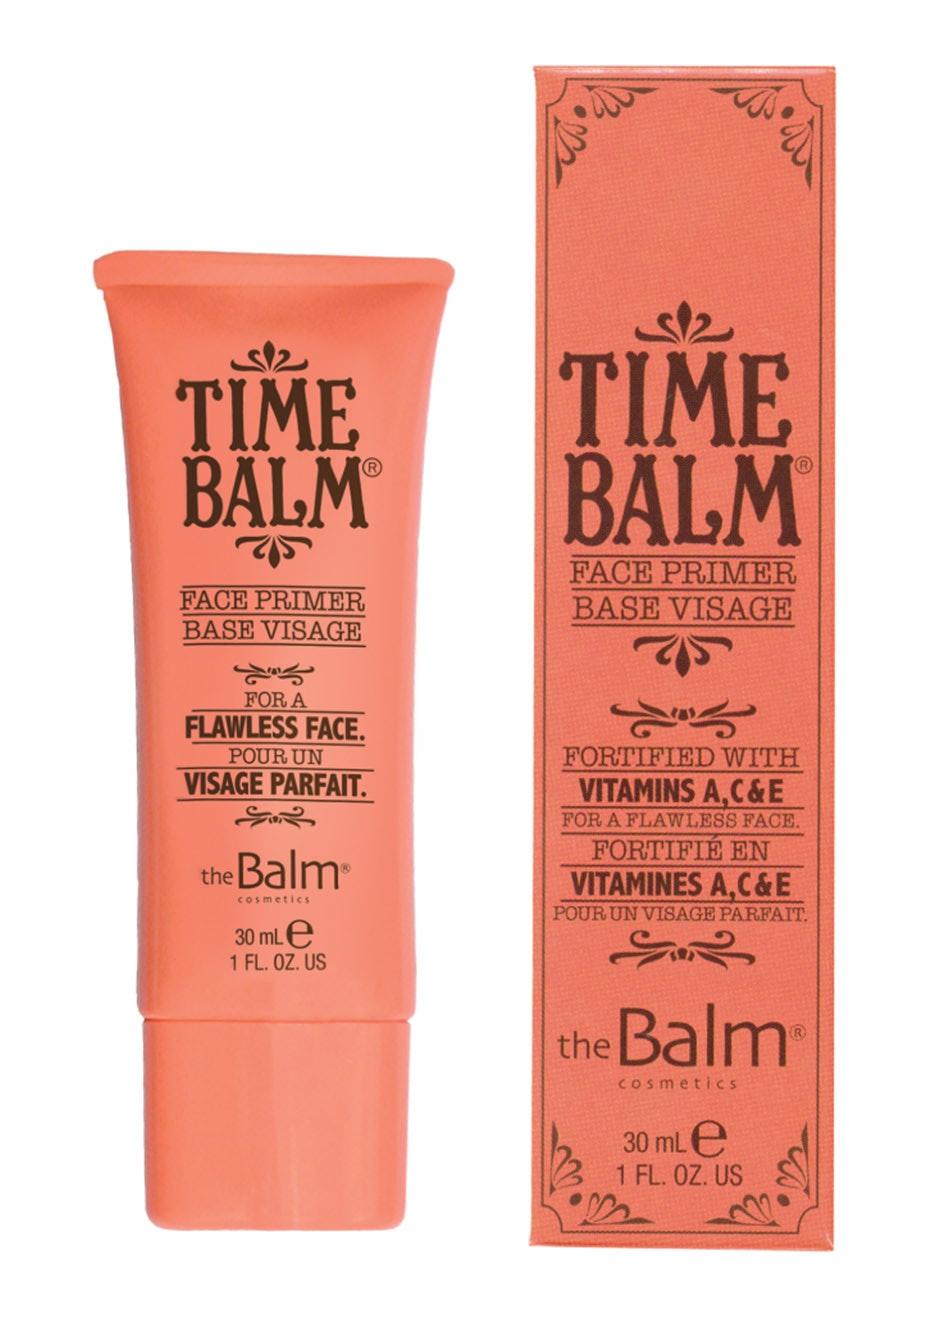 theBalm Time Balm Face Primer